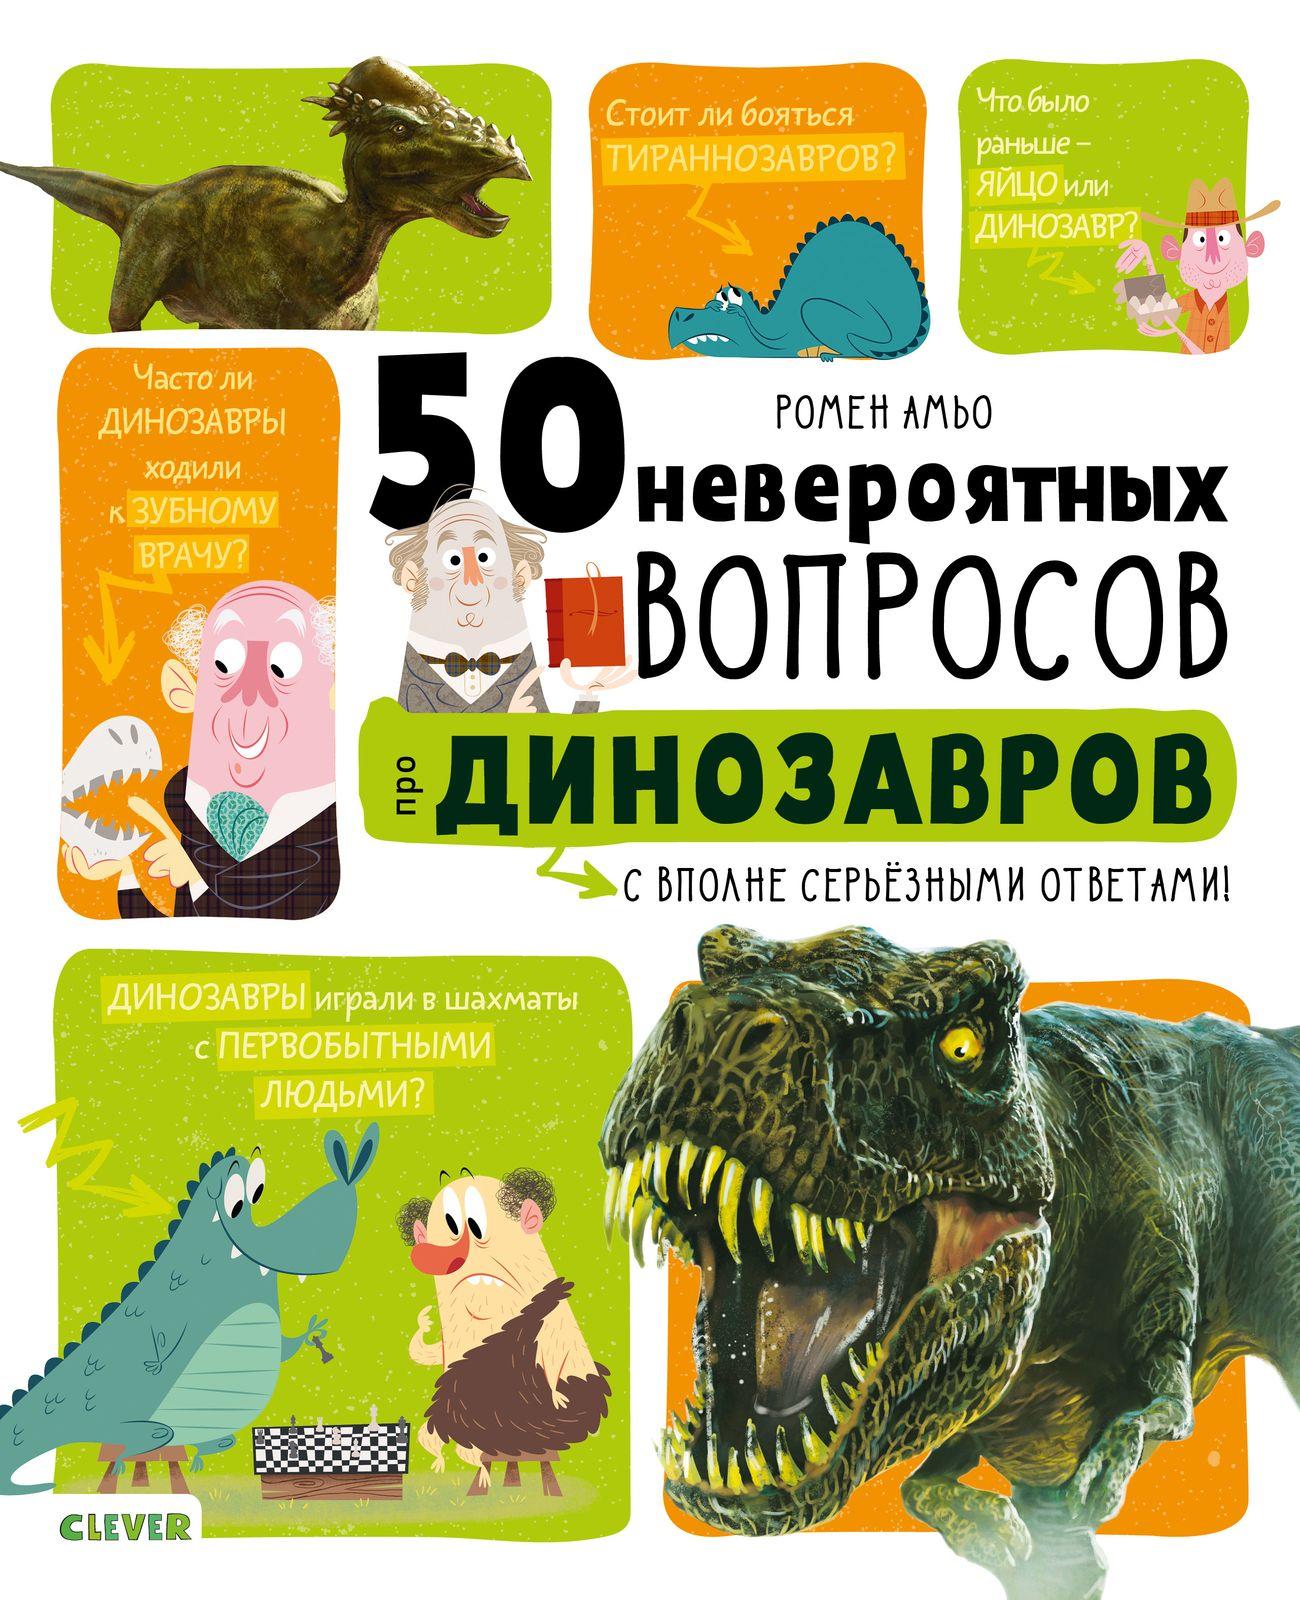 50 невероятных вопросов про динозавров фото